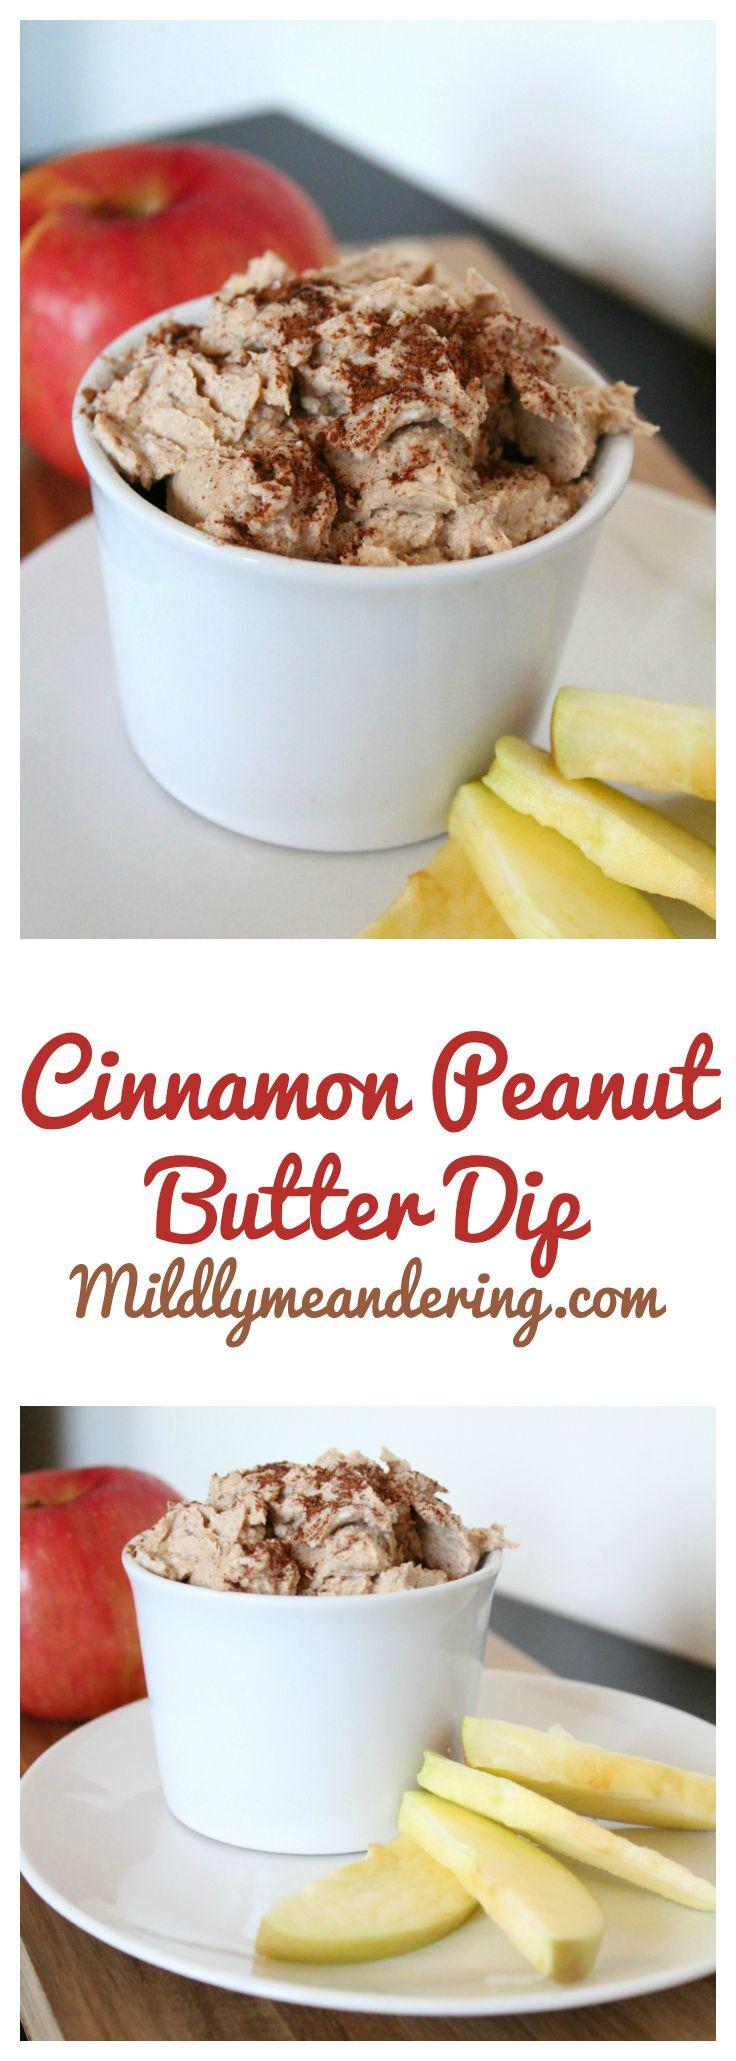 Cinnamon Peanut Butter Dip - Mildly Meandering